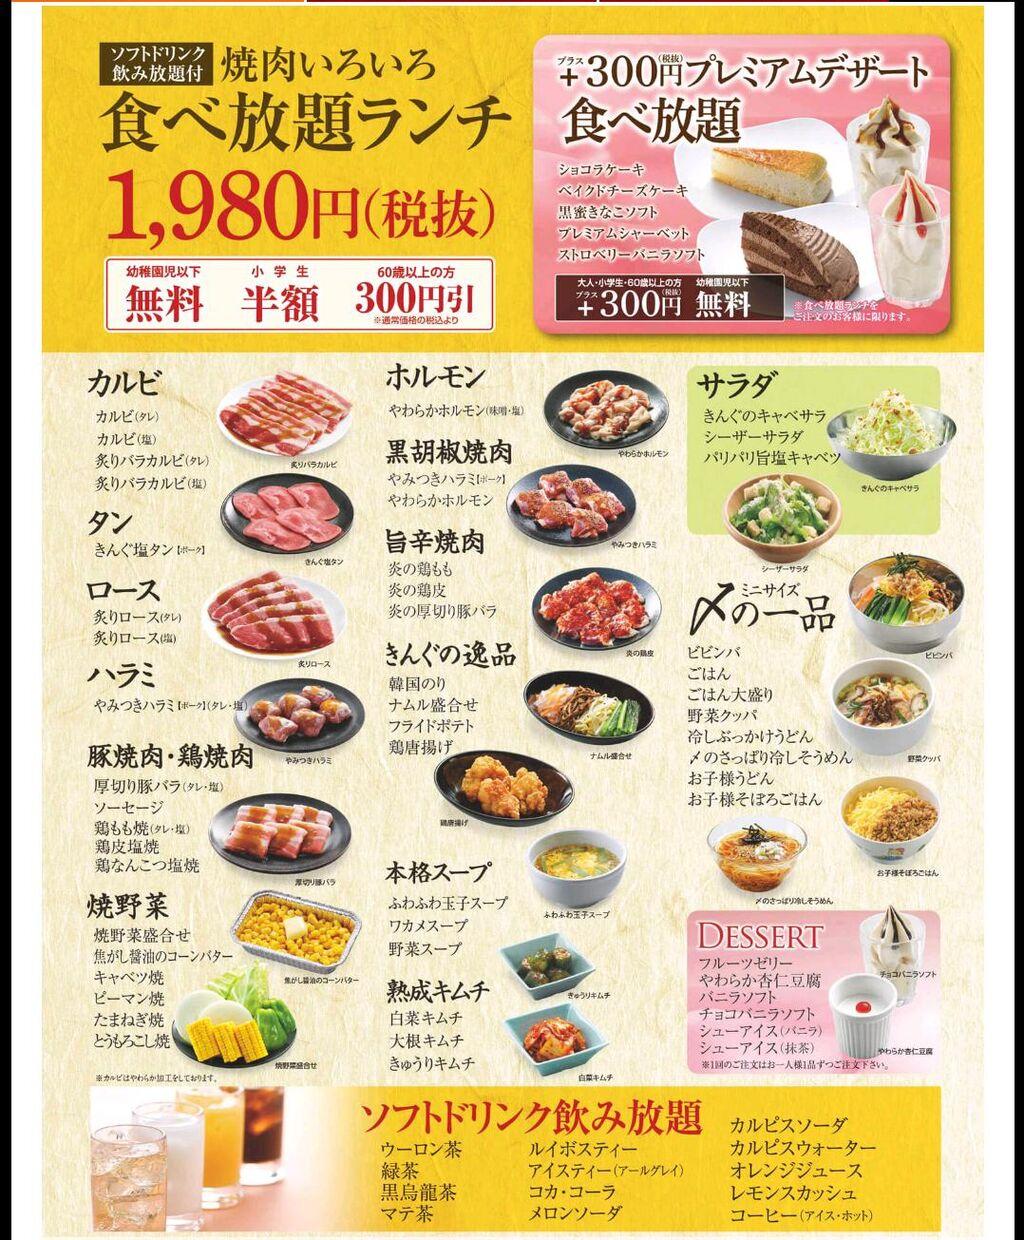 キング 株価 焼肉